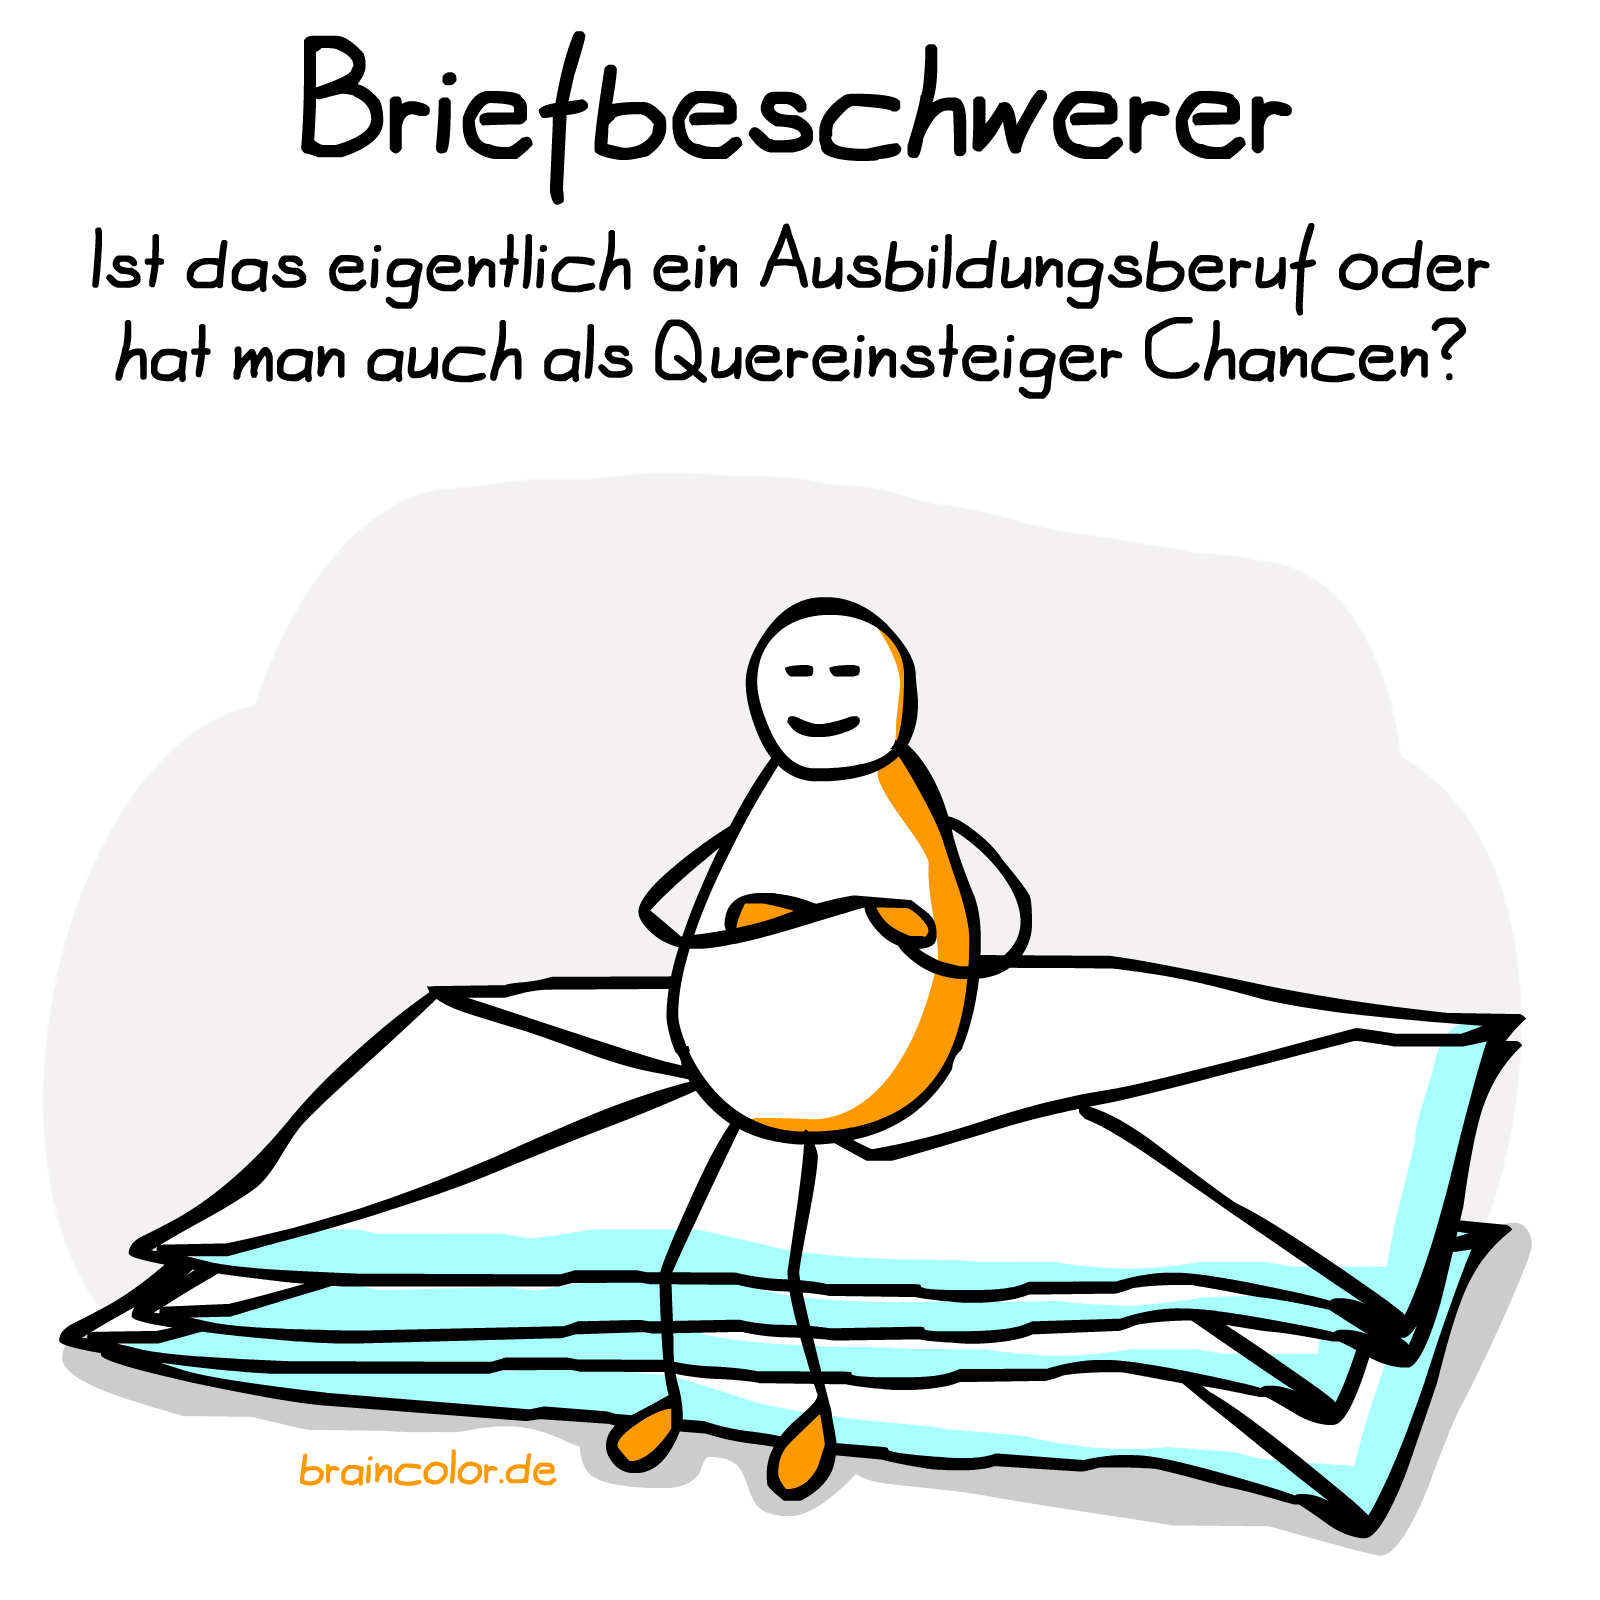 Briefbeschwerer